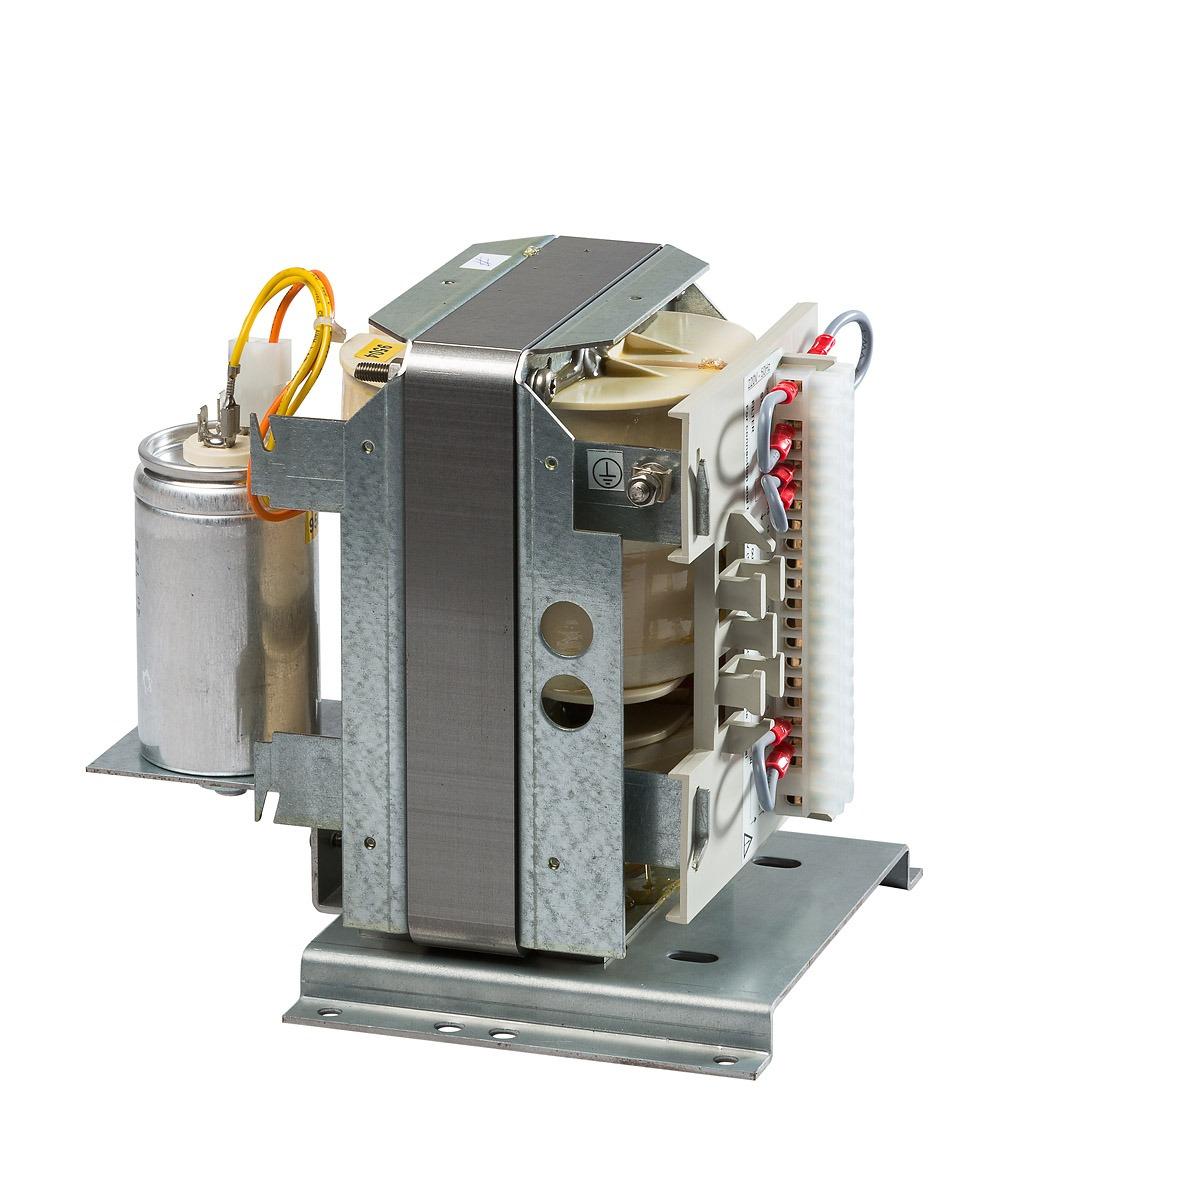 9415 014 21101 (PE1421/10) - Line Conditioner 230V/230V-200VA